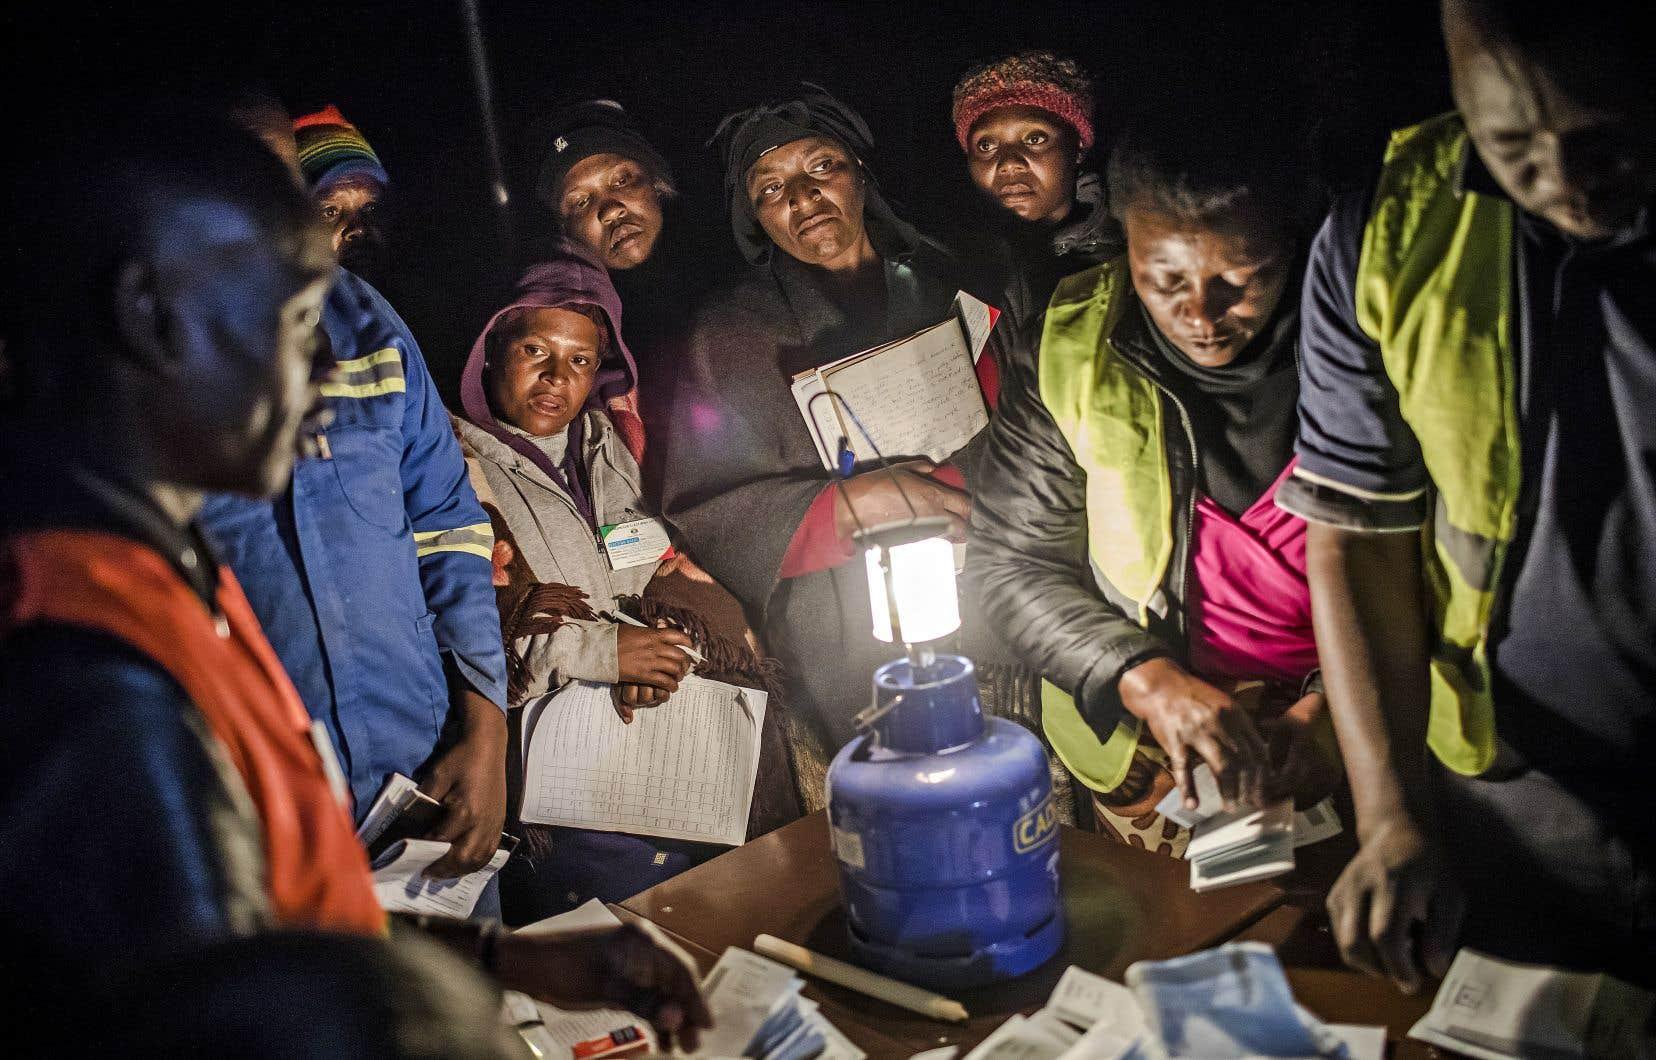 Les bureaux de vote ont fermé, comme prévu, vers 19 h et le dépouillement a débuté, parfois à la lumière des bougies ou des lampes à gaz.